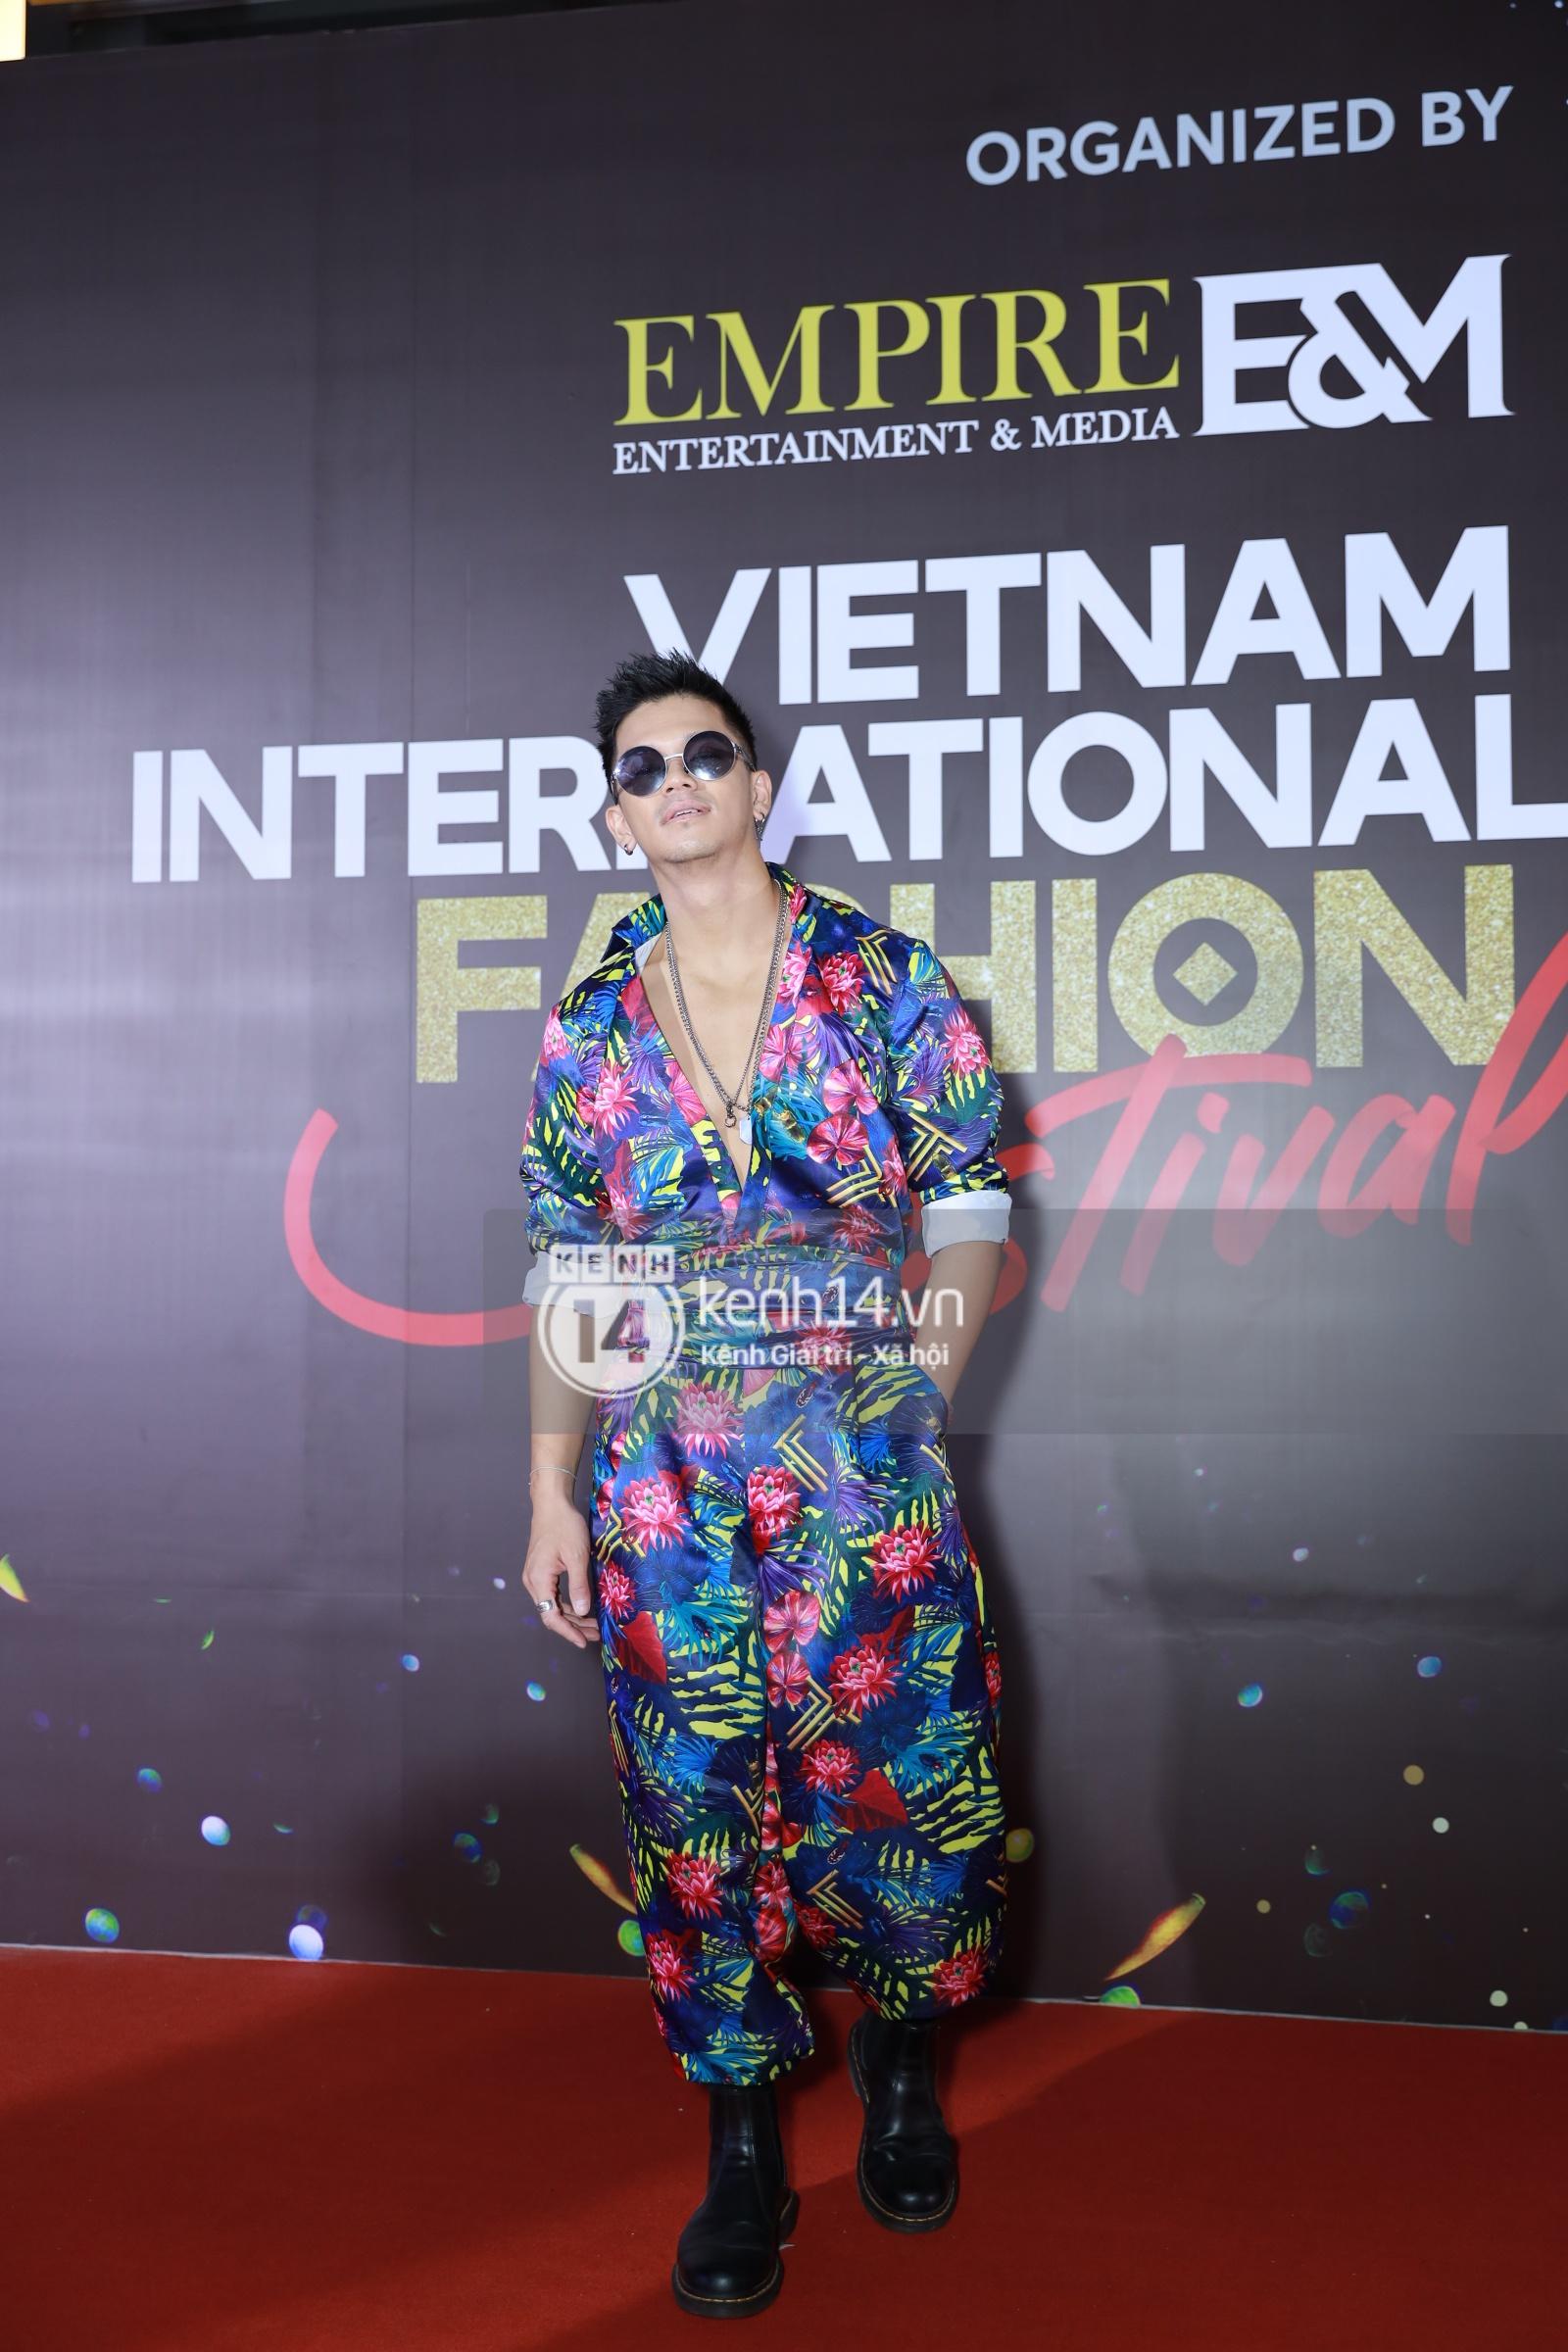 Thảm đỏ VIFF ngày 2: Lãnh Thanh - Trọng Hiếu Idol nổi bật, người mẫu Anh Thư gây thất vọng tràn trề vì set đồ sai sai - Ảnh 10.